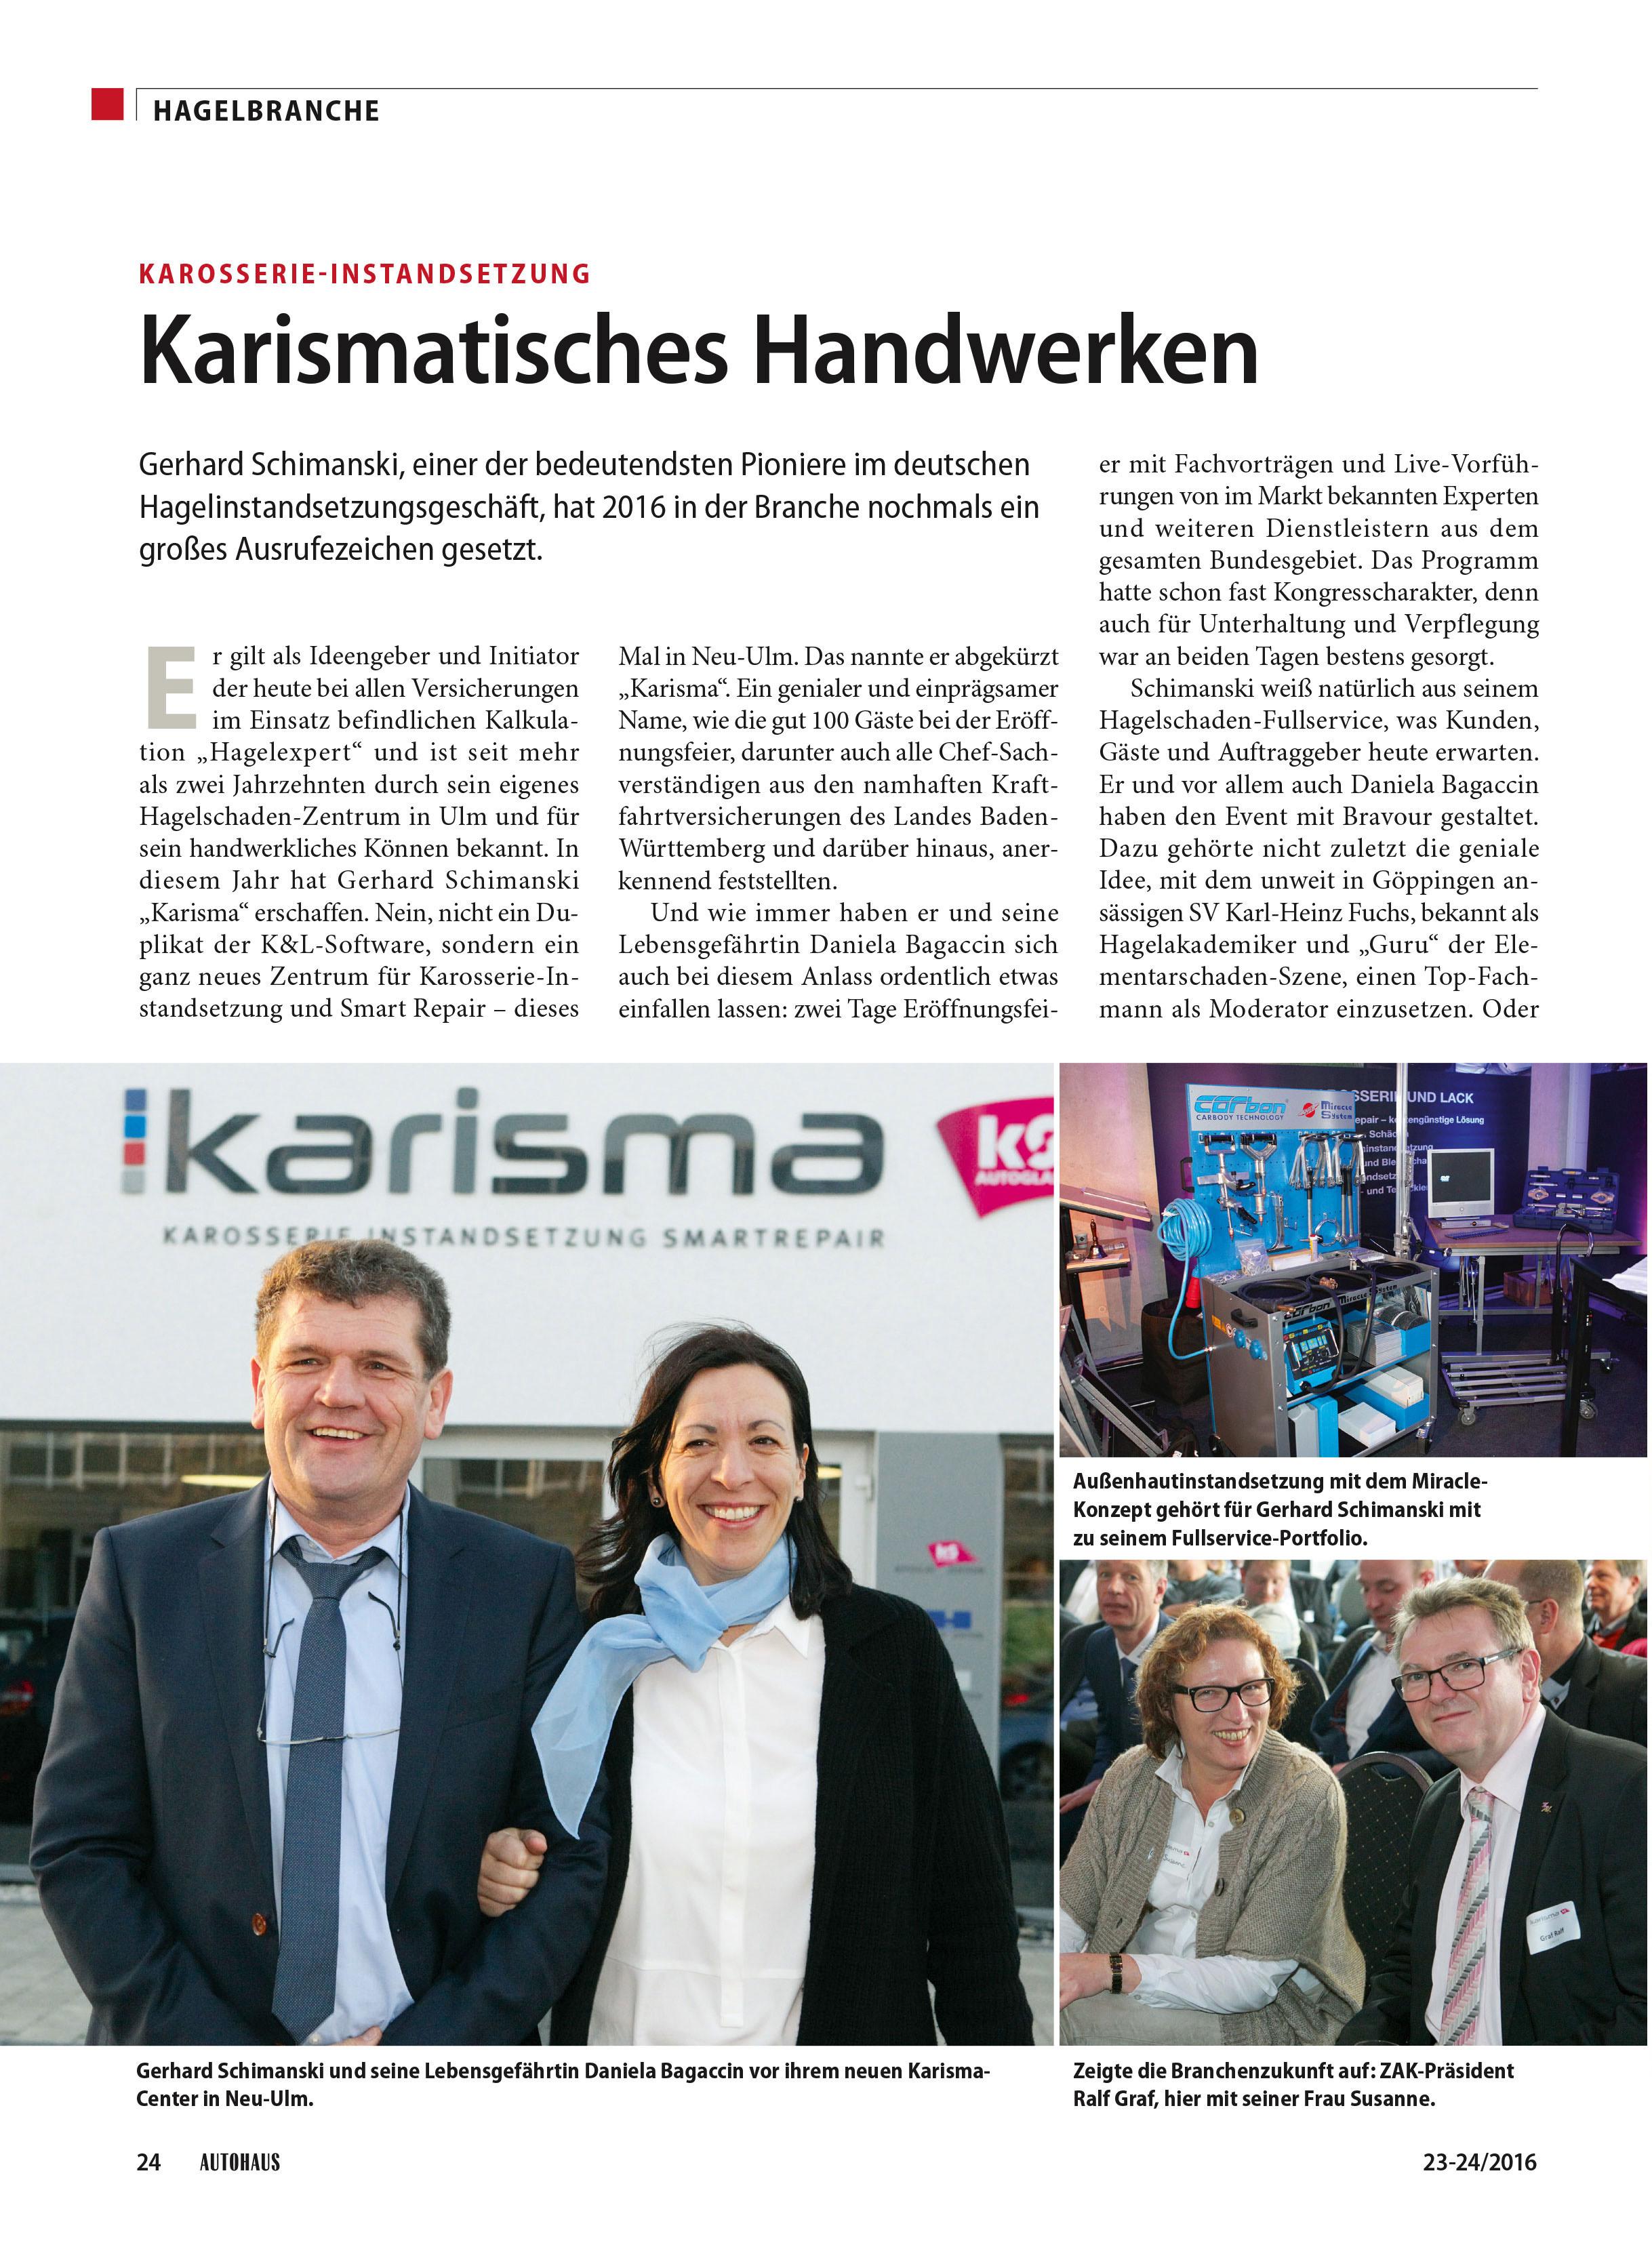 hsz-gerhard-schimanski-karisma-hagelschaden-zentrum-ulm-neu-ulm-autohaus-hagelbranche-bericht-001